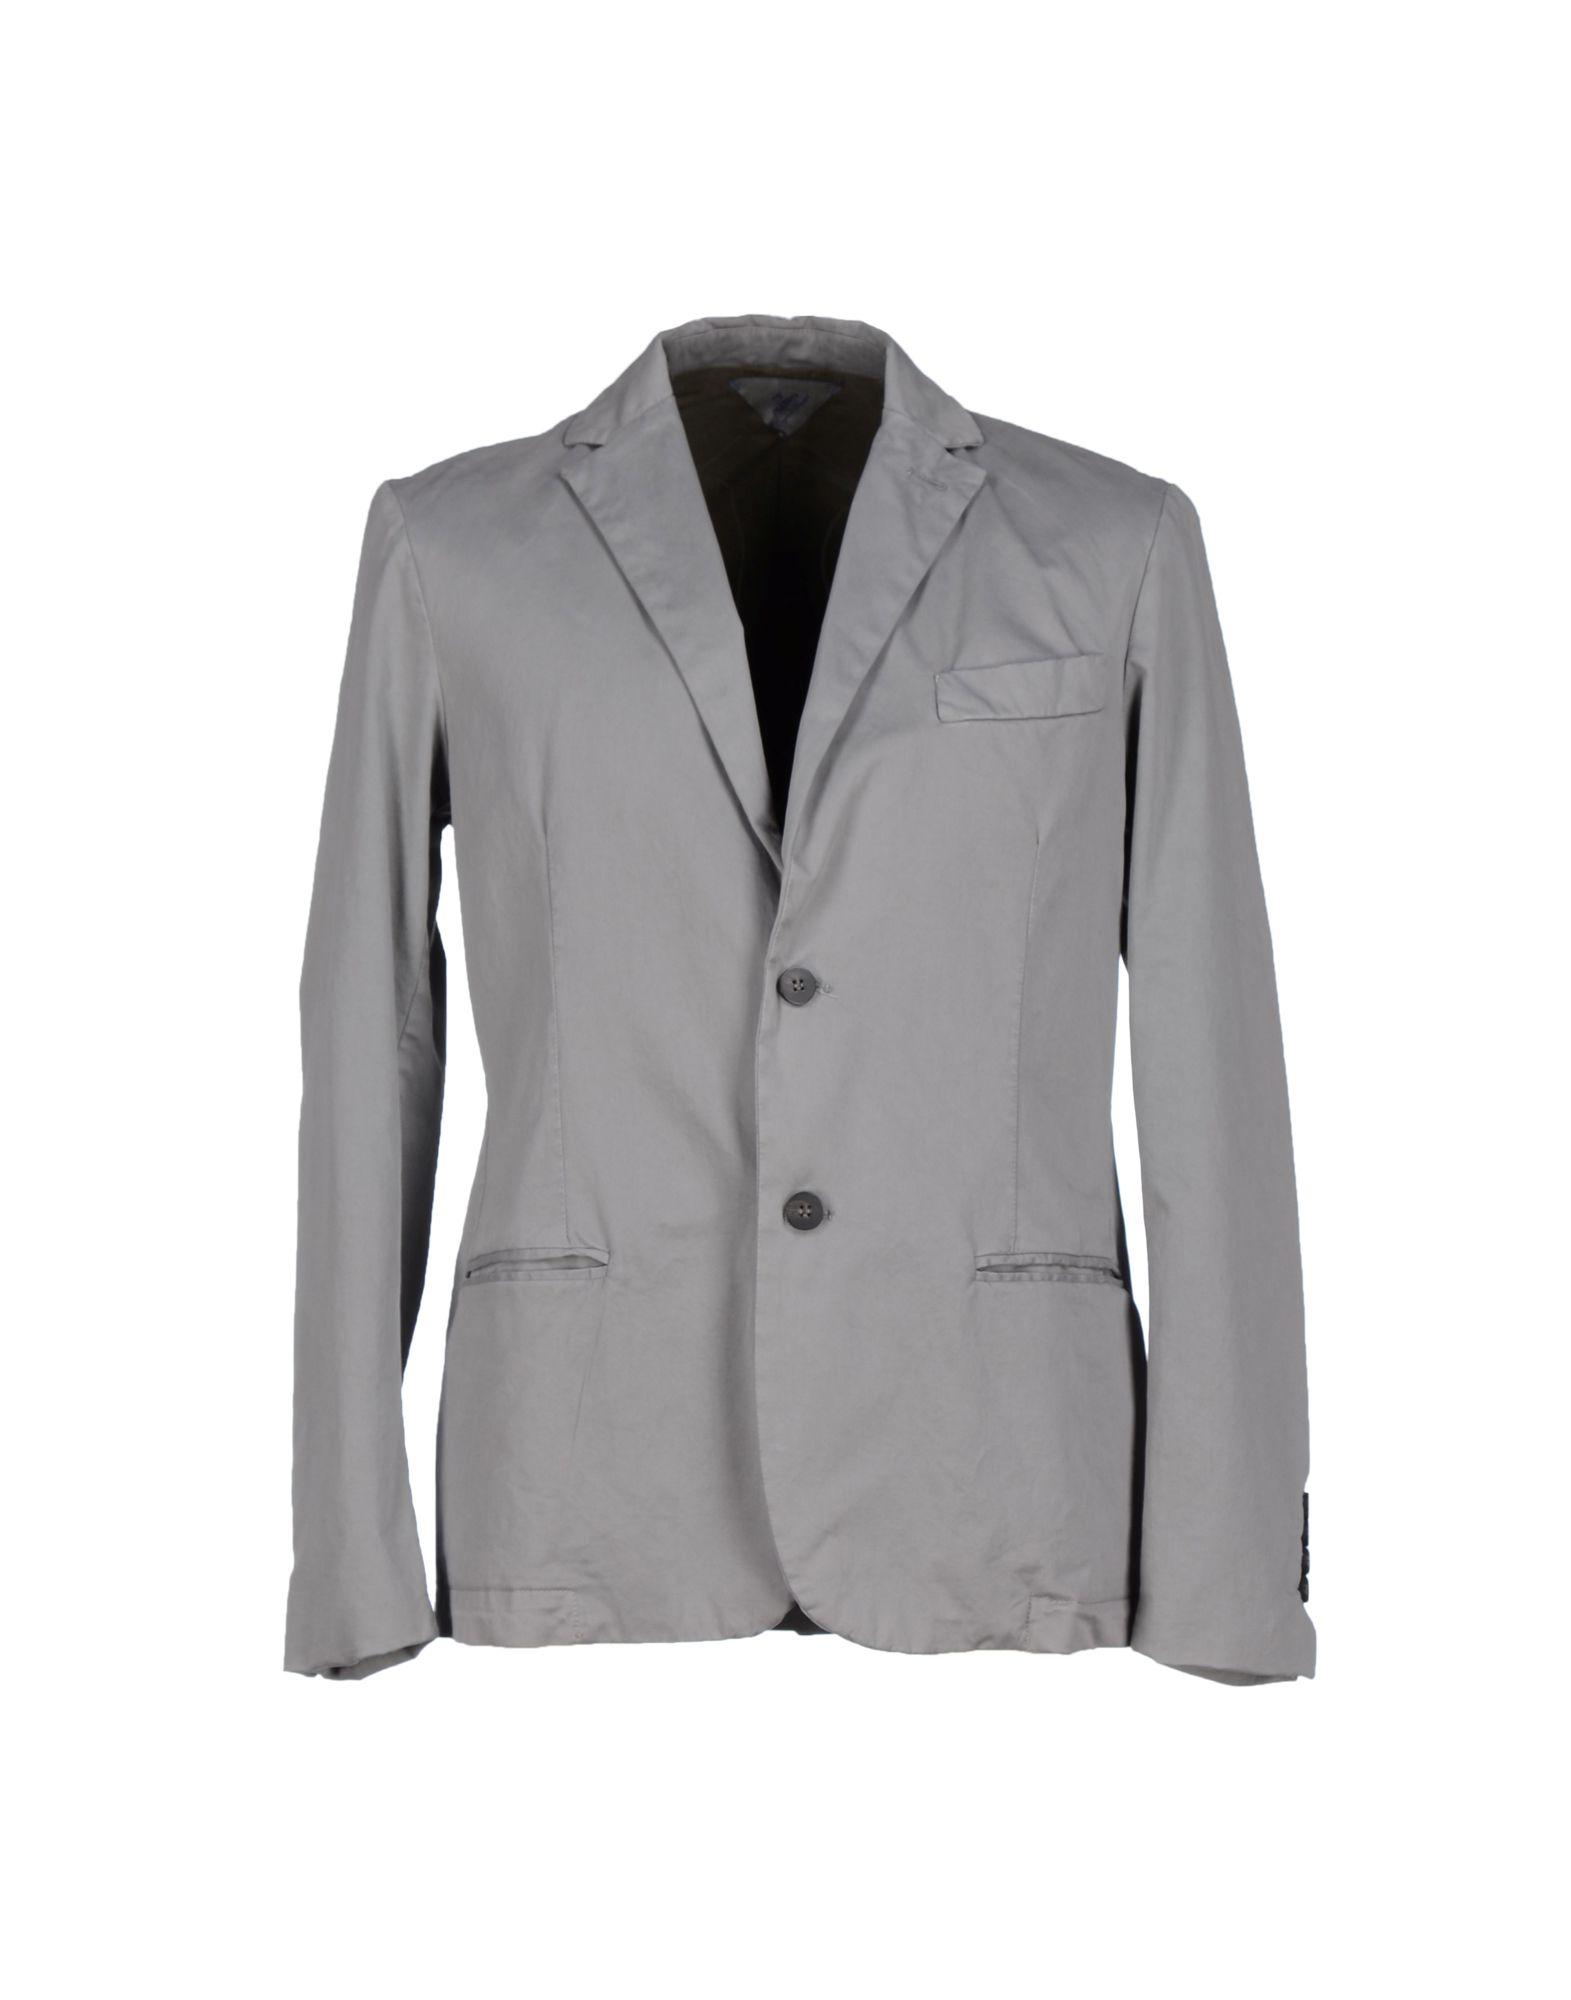 MYTHS Blazer in Grey